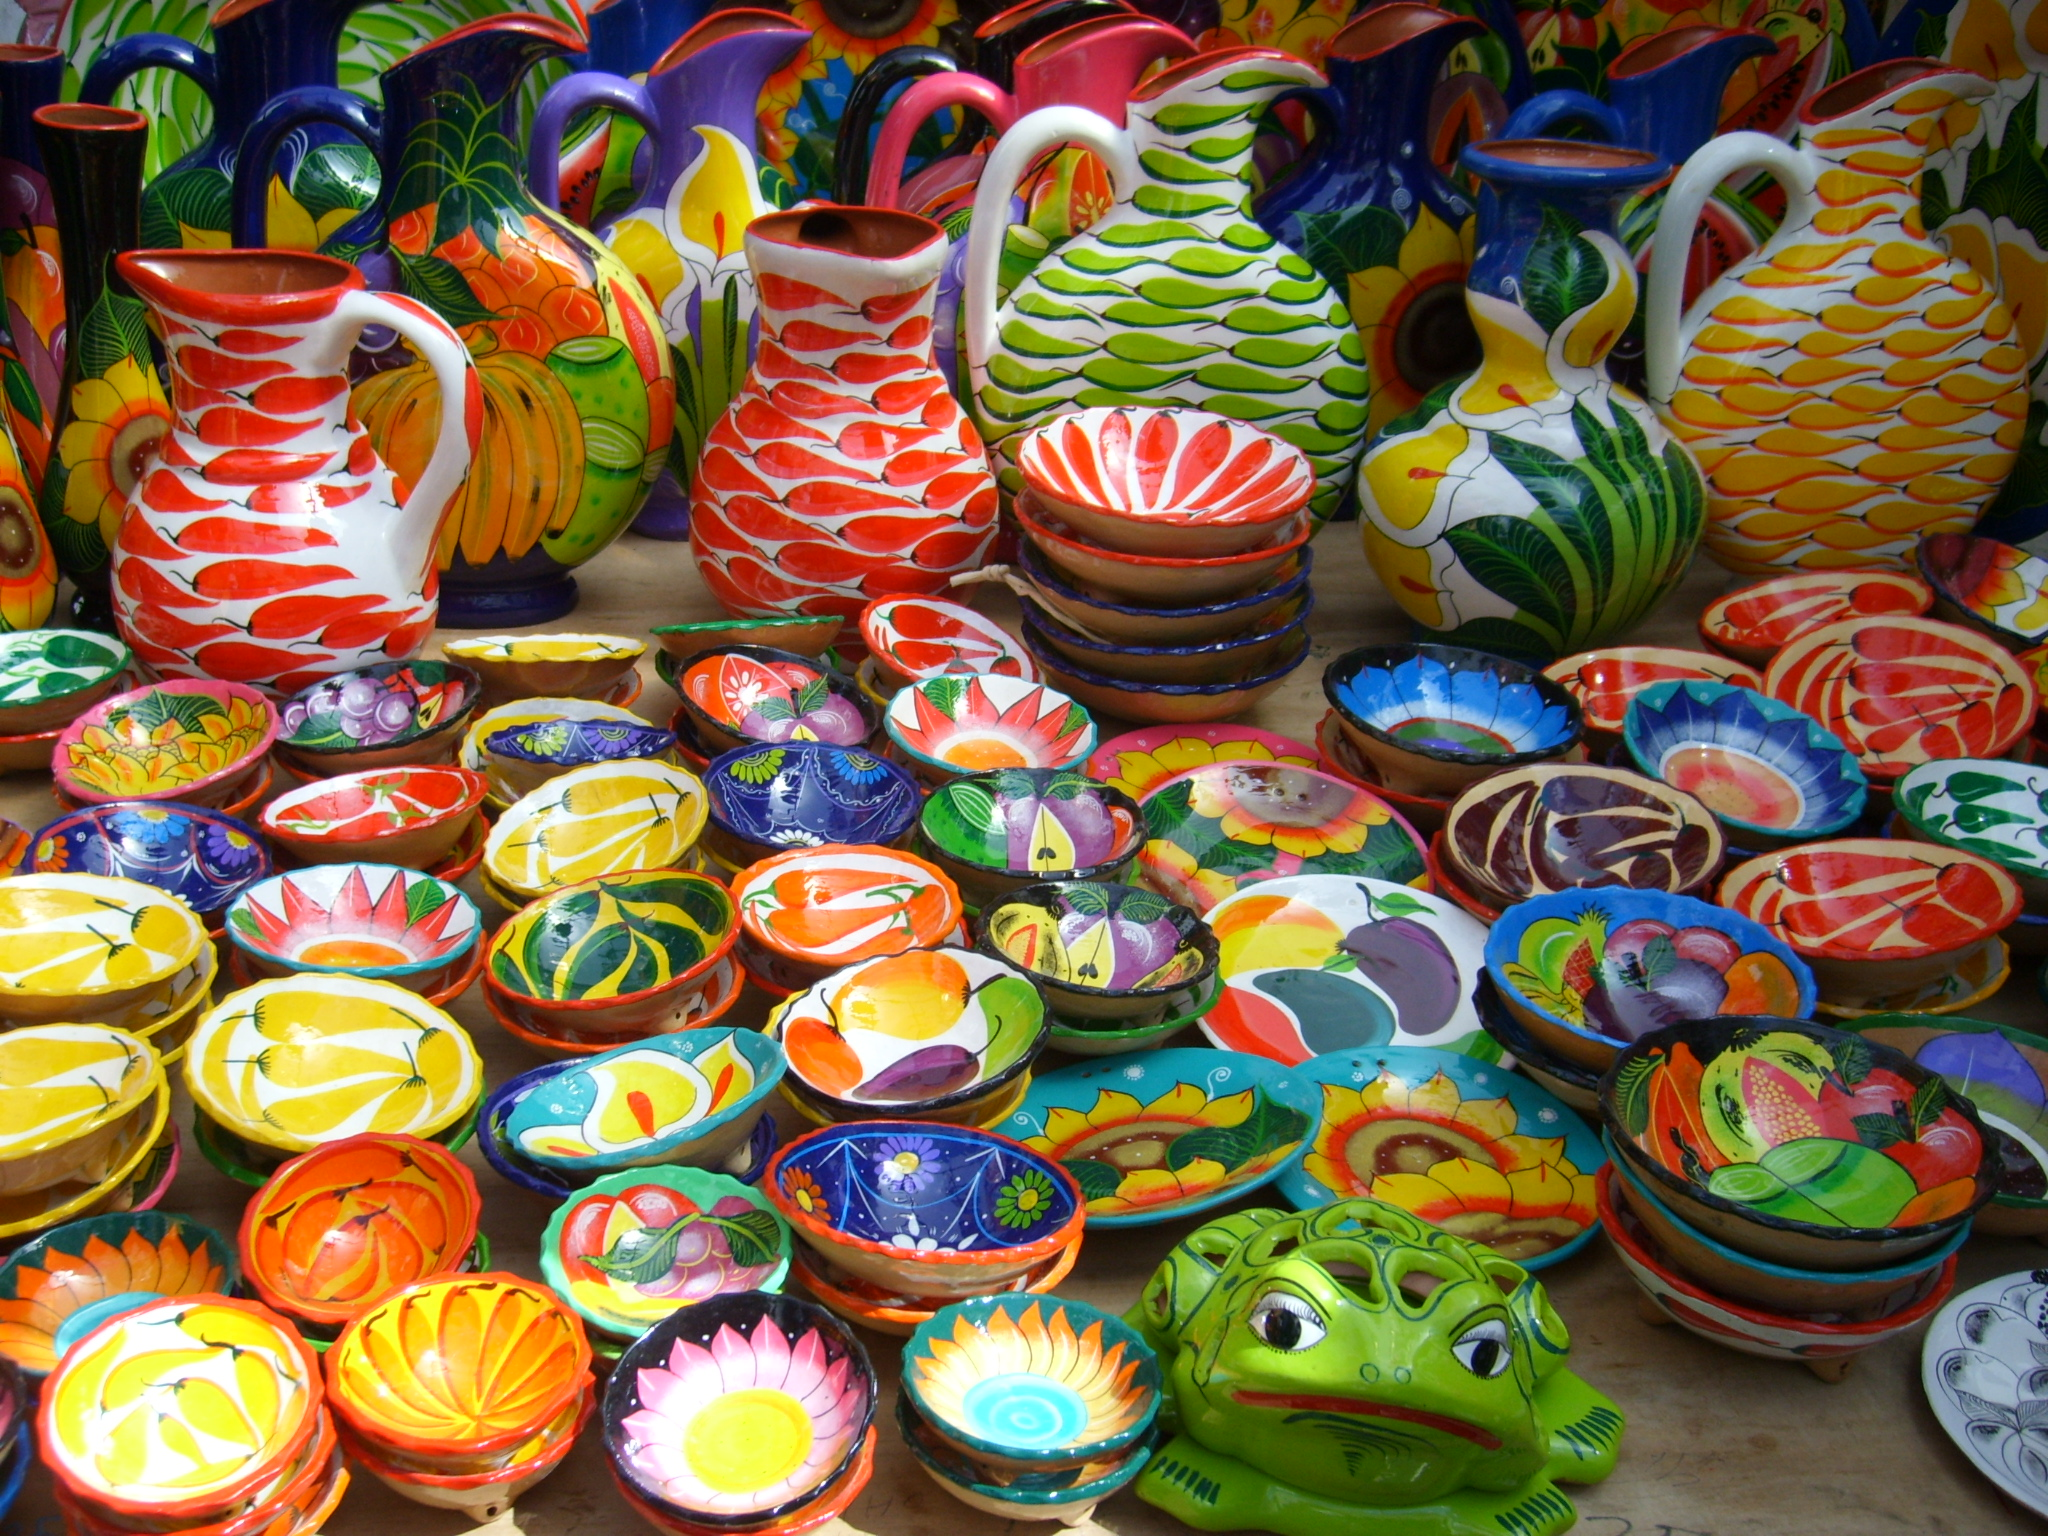 Bazar de artesan a mexicana y festival gastron mico en - Artesania y decoracion ...